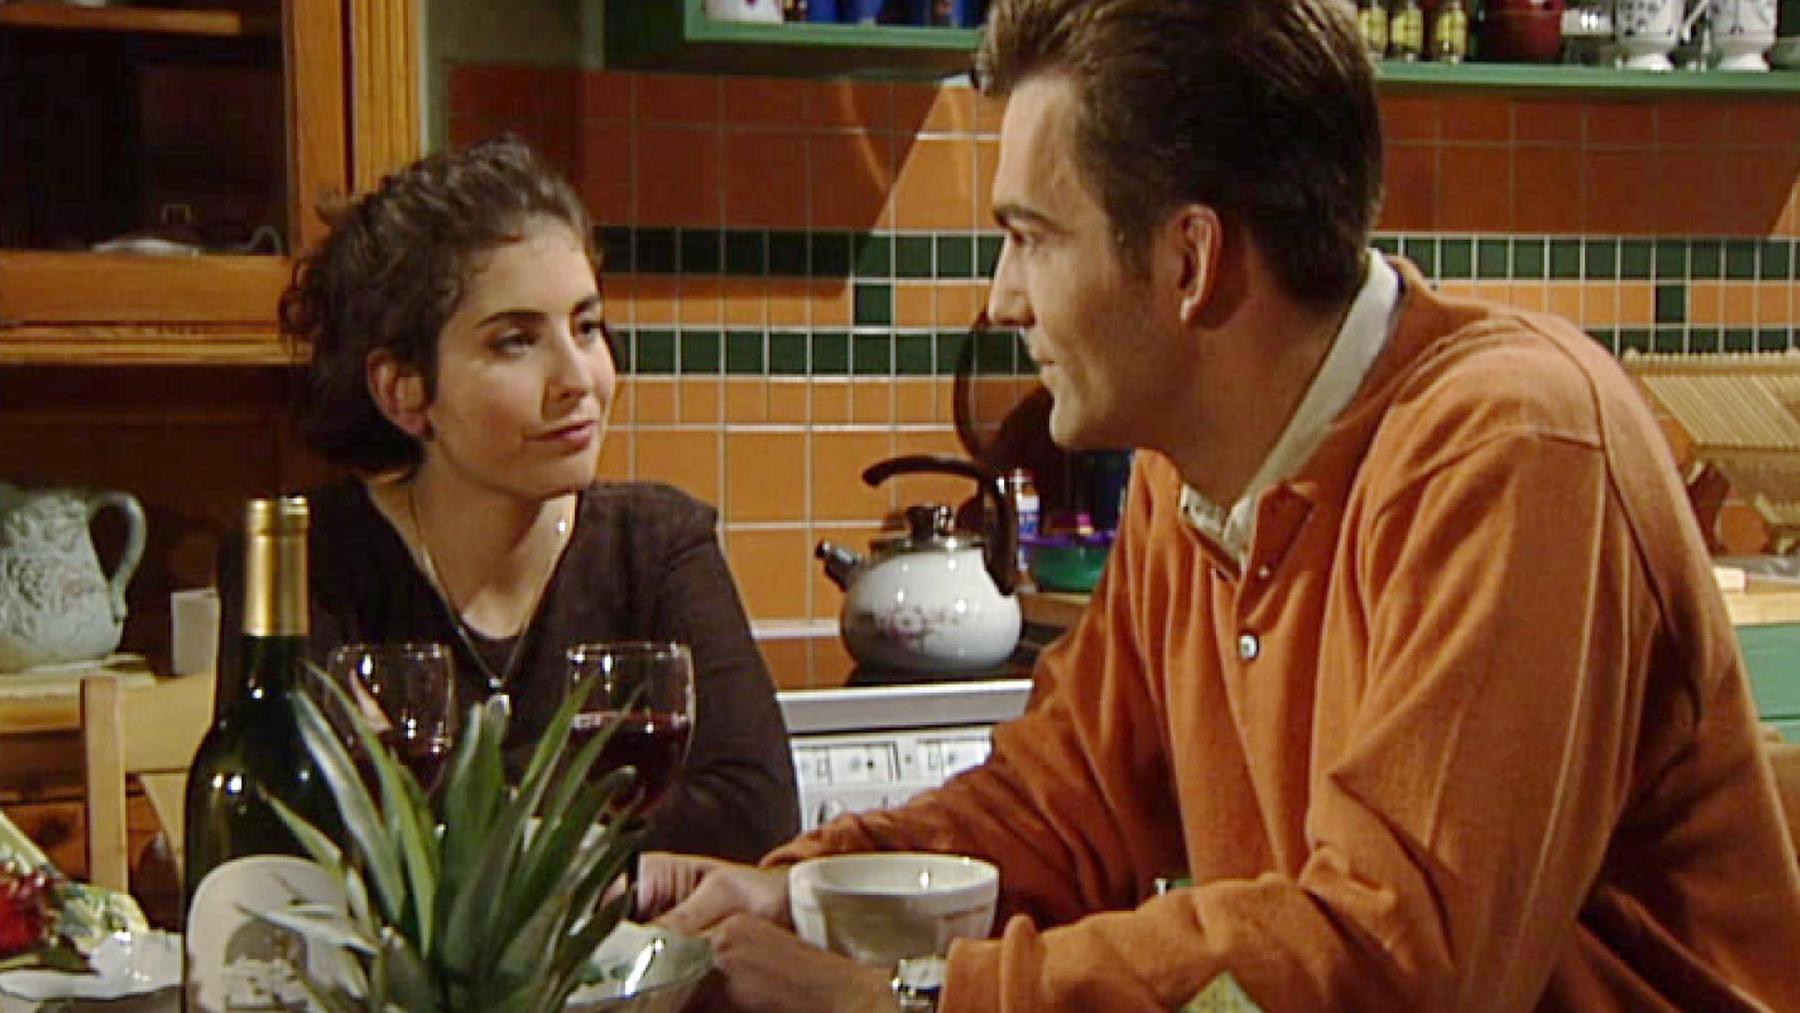 Rainer und Elke verbringen zusammen eine Liebesnacht